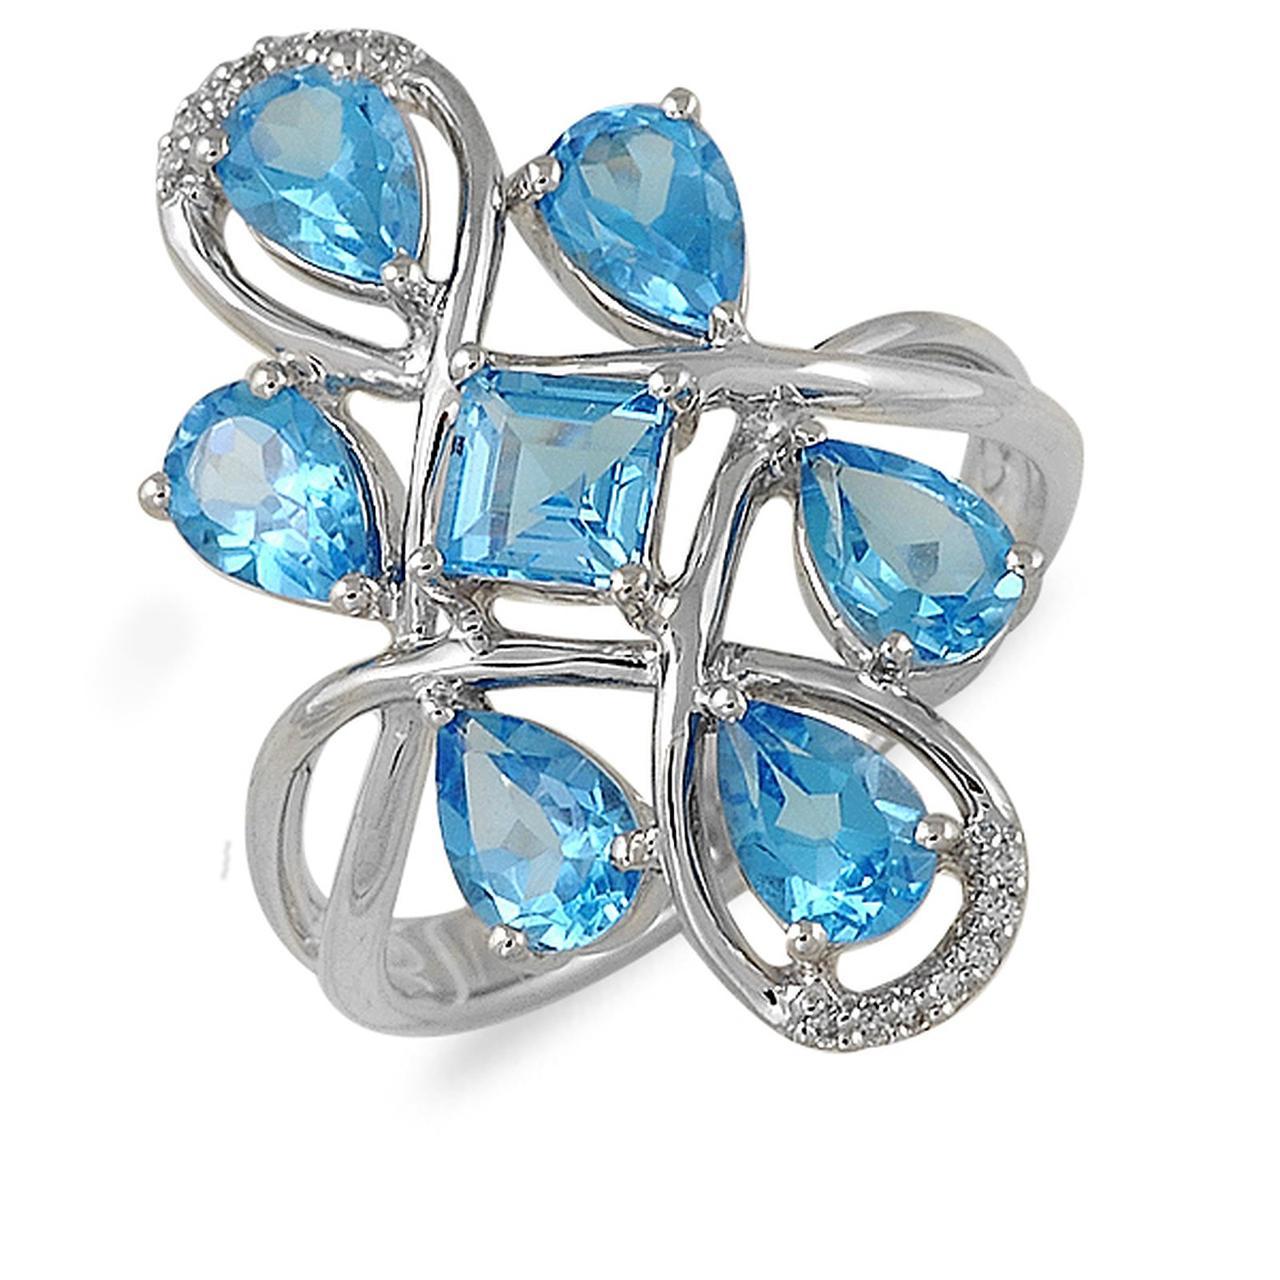 Золотое кольцо с бриллиантами и топазами, размер 16.5 (013874)